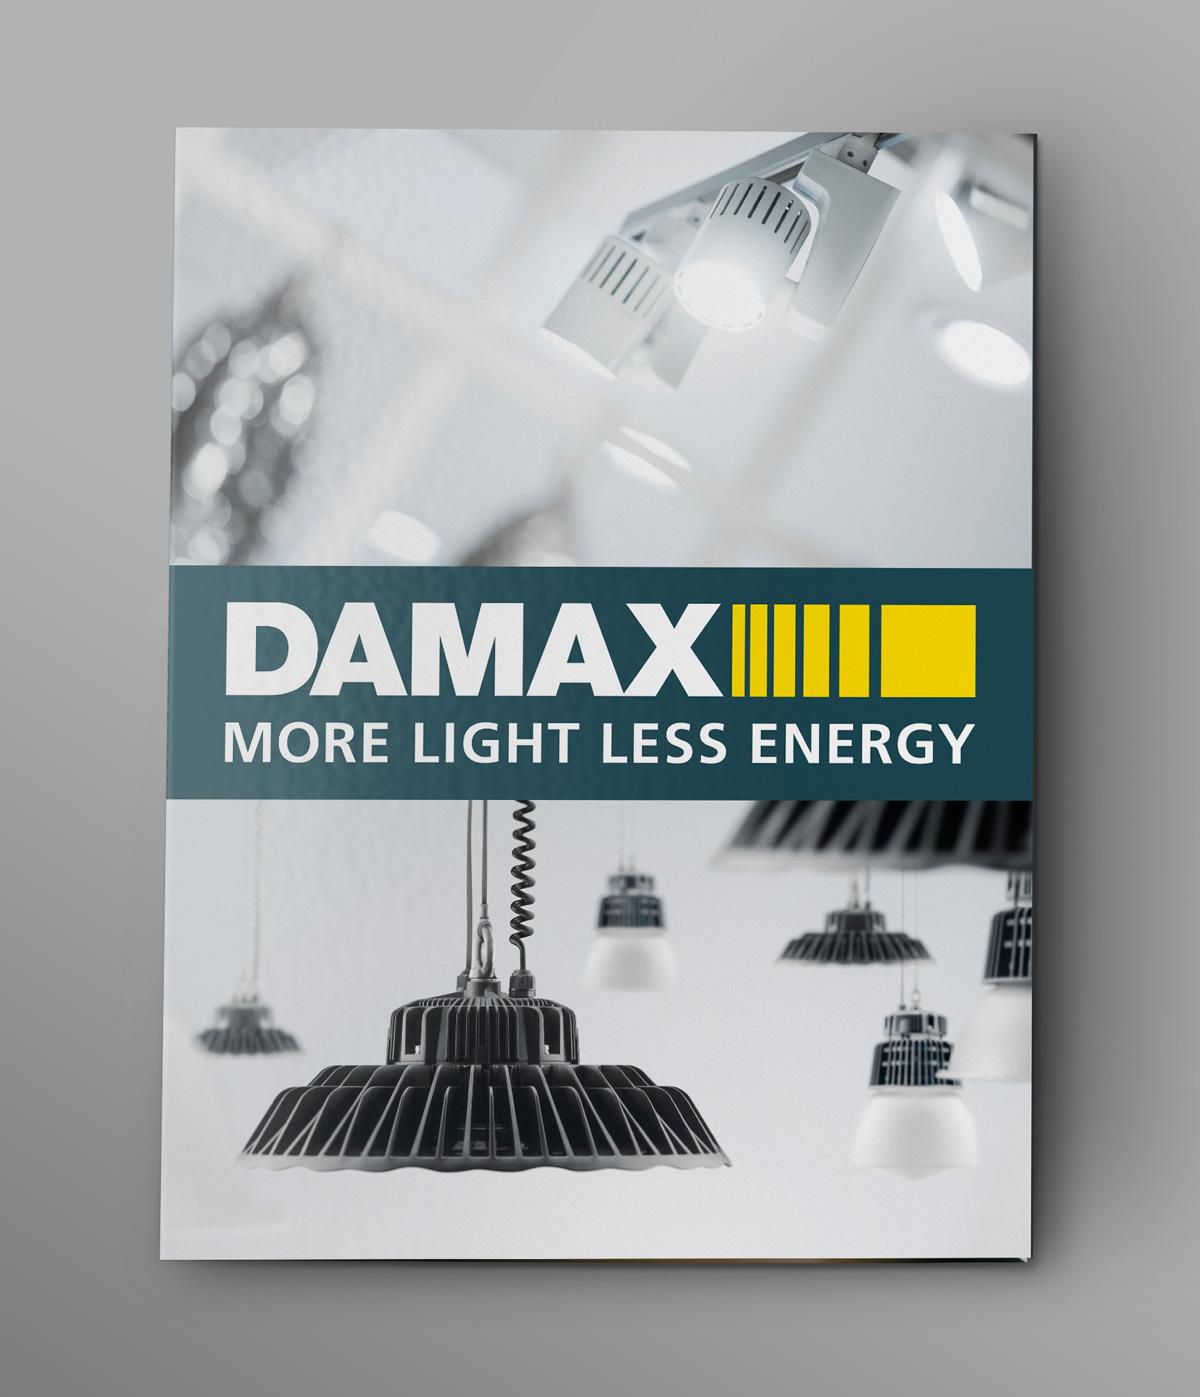 damax_folder_mockup_front1